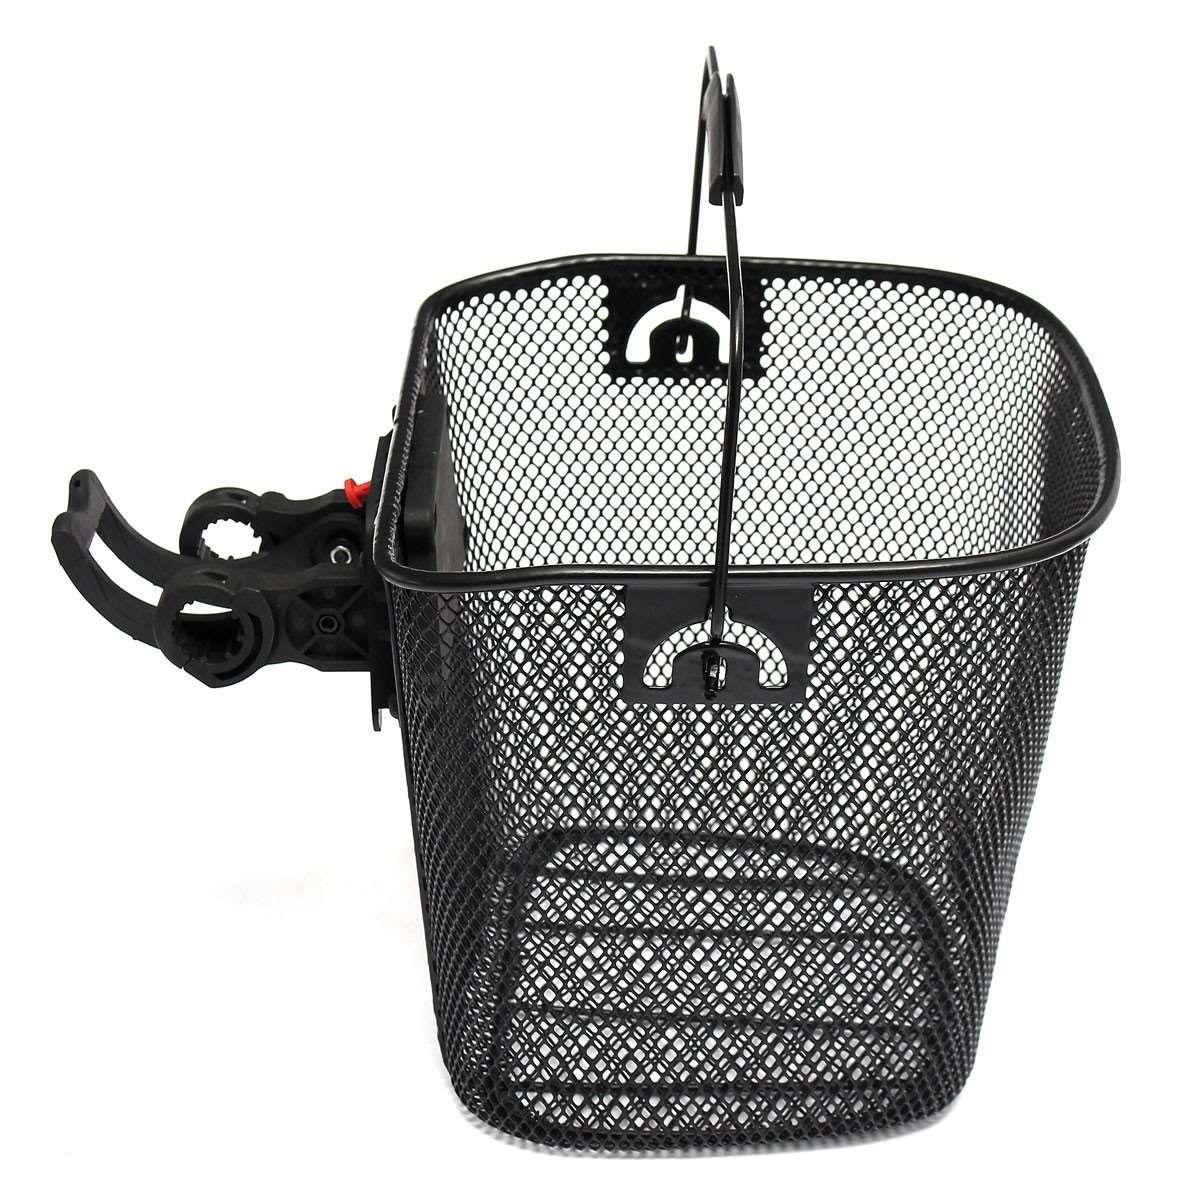 Металлическая сетка корзина для MTB горный велосипед Велоспорт велосипед передняя складная корзина езда задний Паньер быстрый релиз покупки ручка